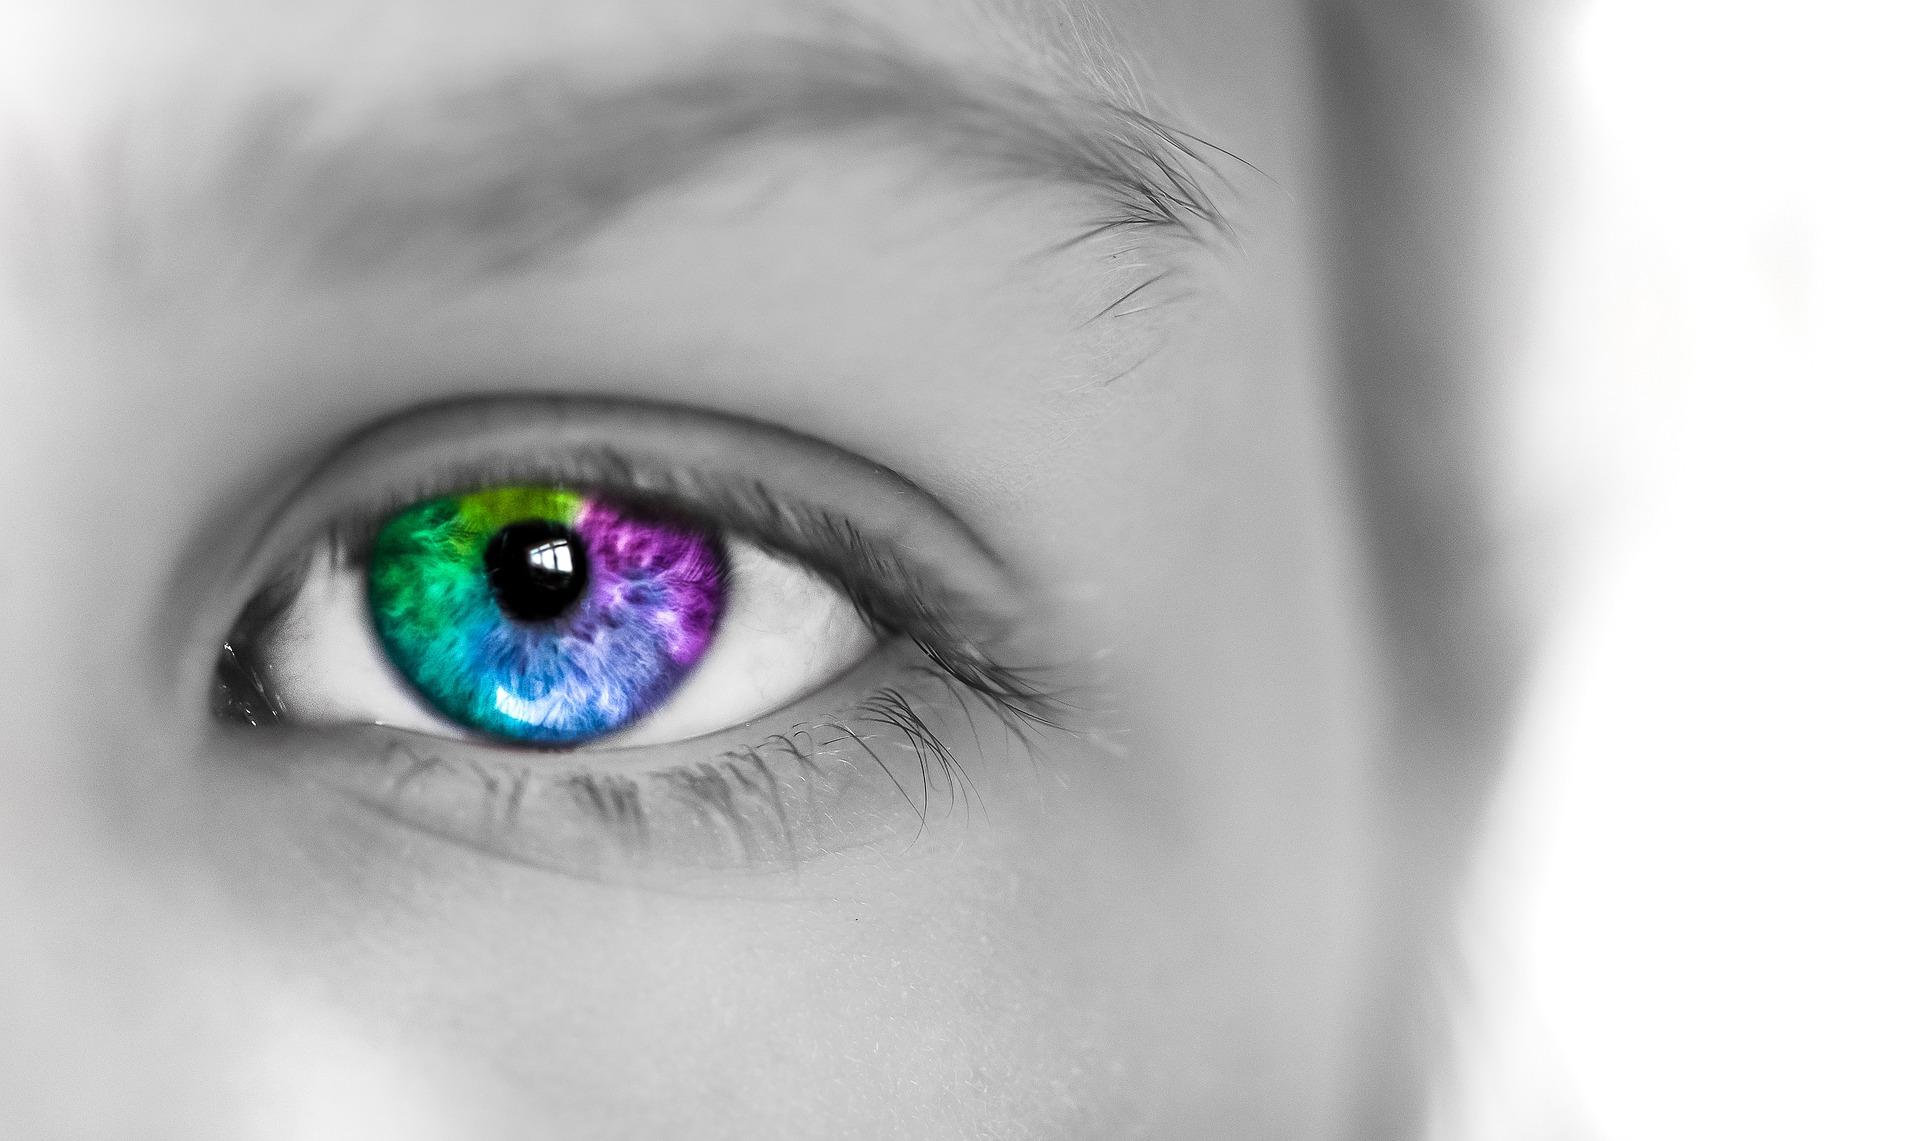 eye-1365333_1920.jpg